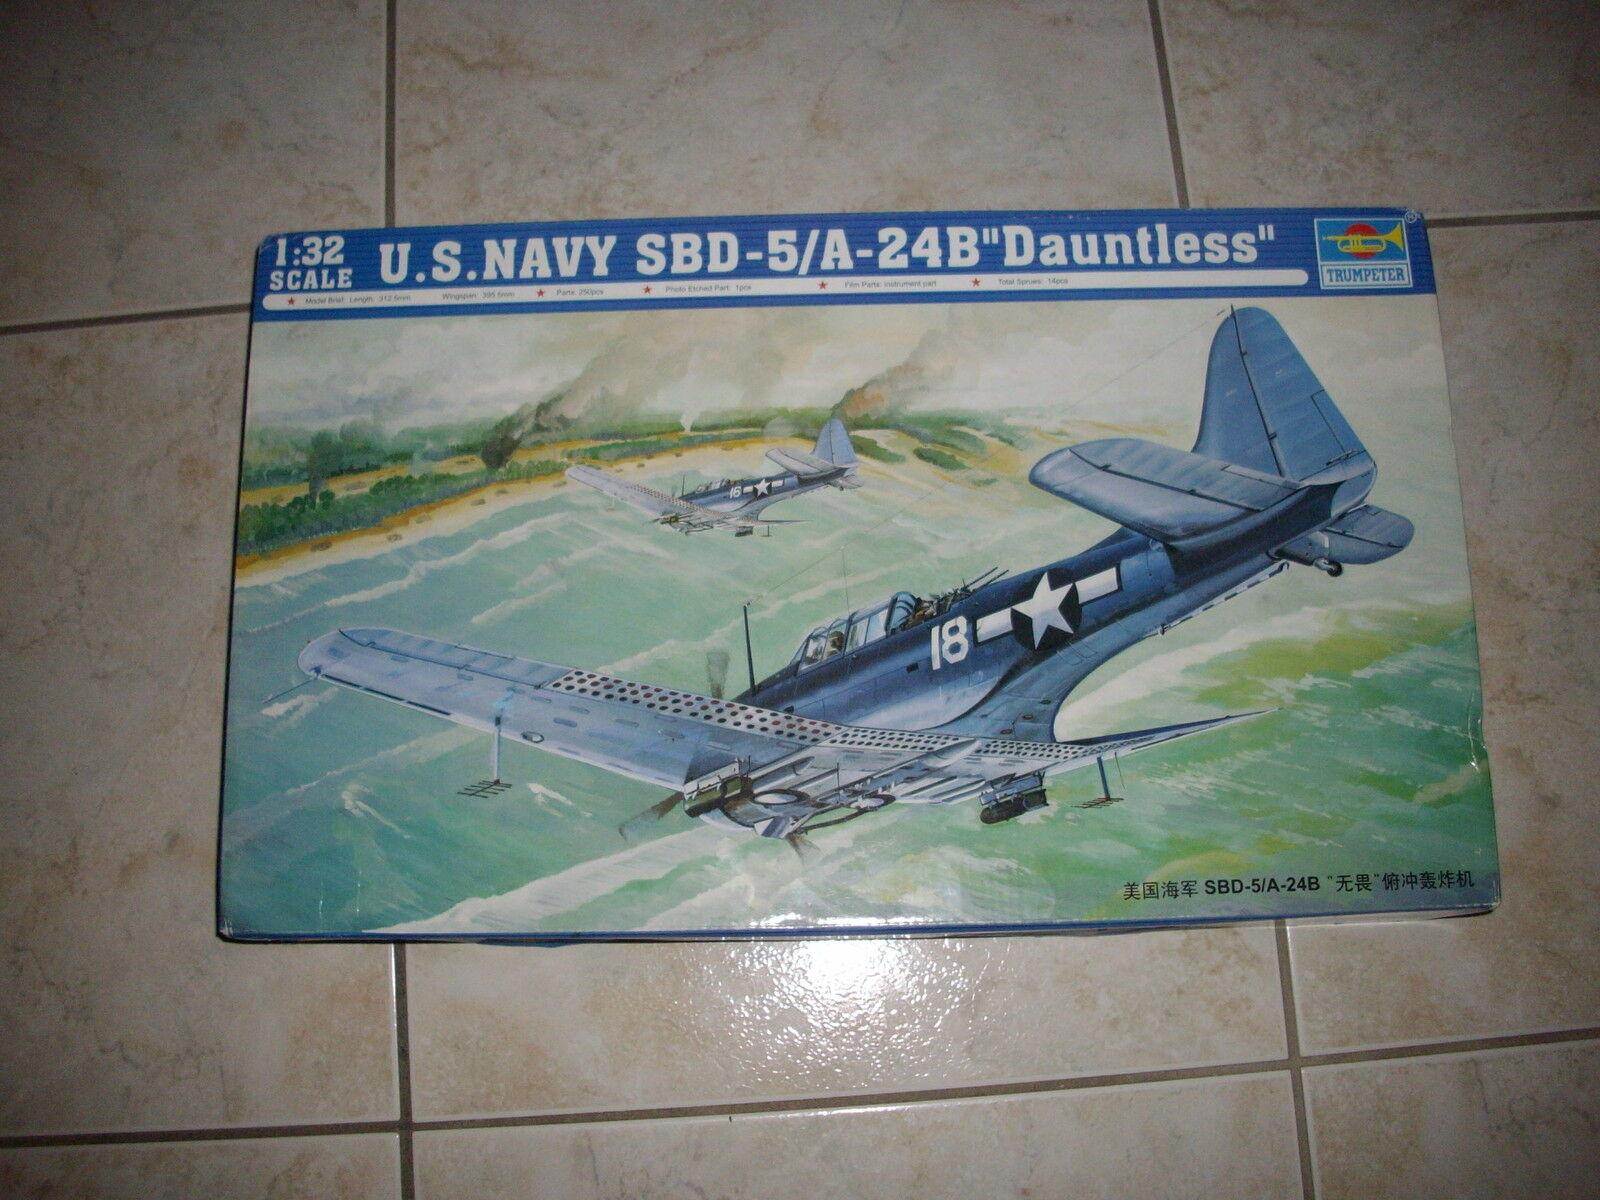 TRUMPETER U.S NAVY  SBD-5 A-24B  DAUNTLESS   PLASTIC MODEL 1 32  sortie en vente